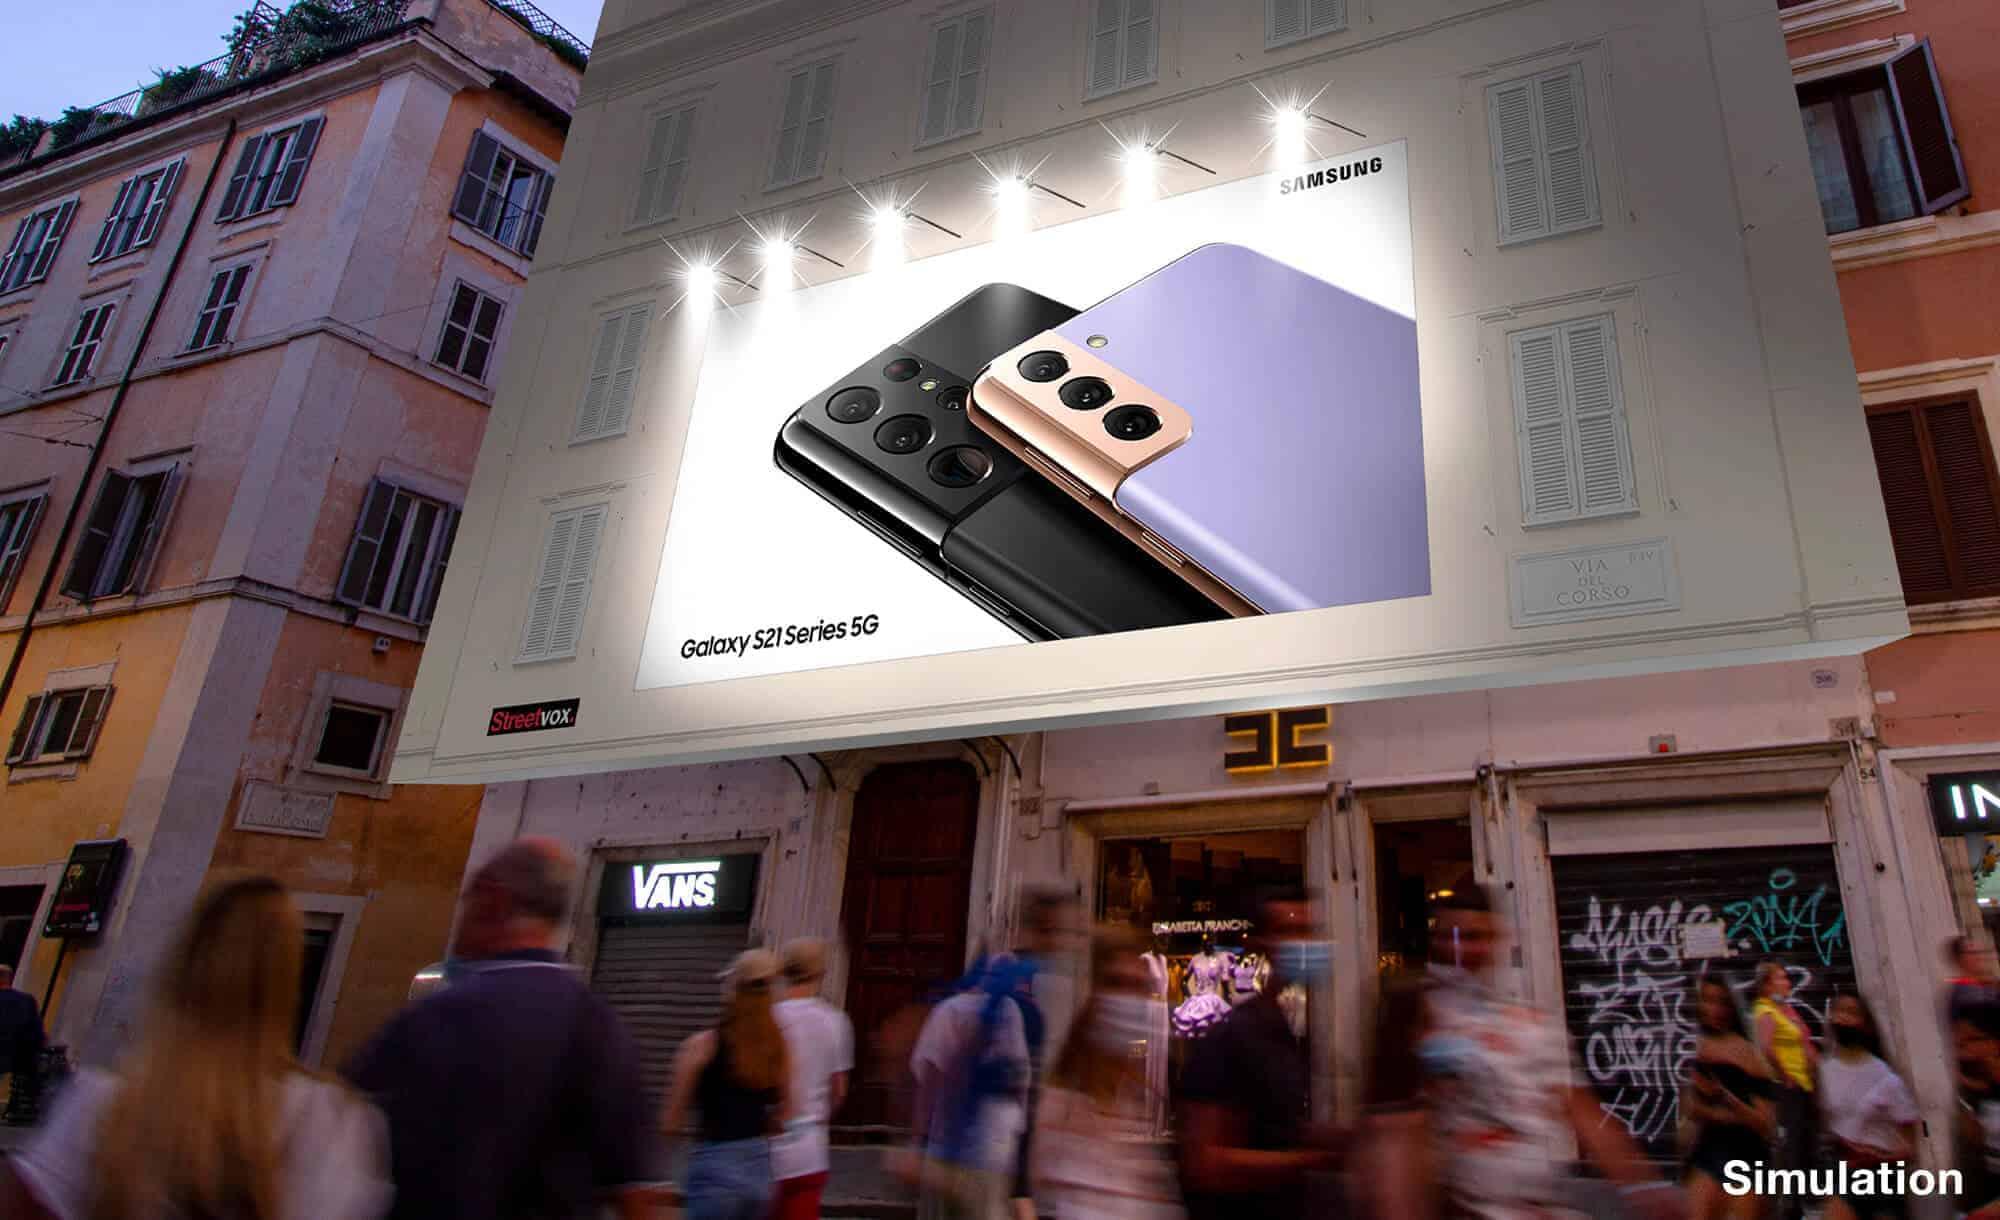 Maxi Affissione a Roma in Via del Corso 52 con Samsung (Technology)